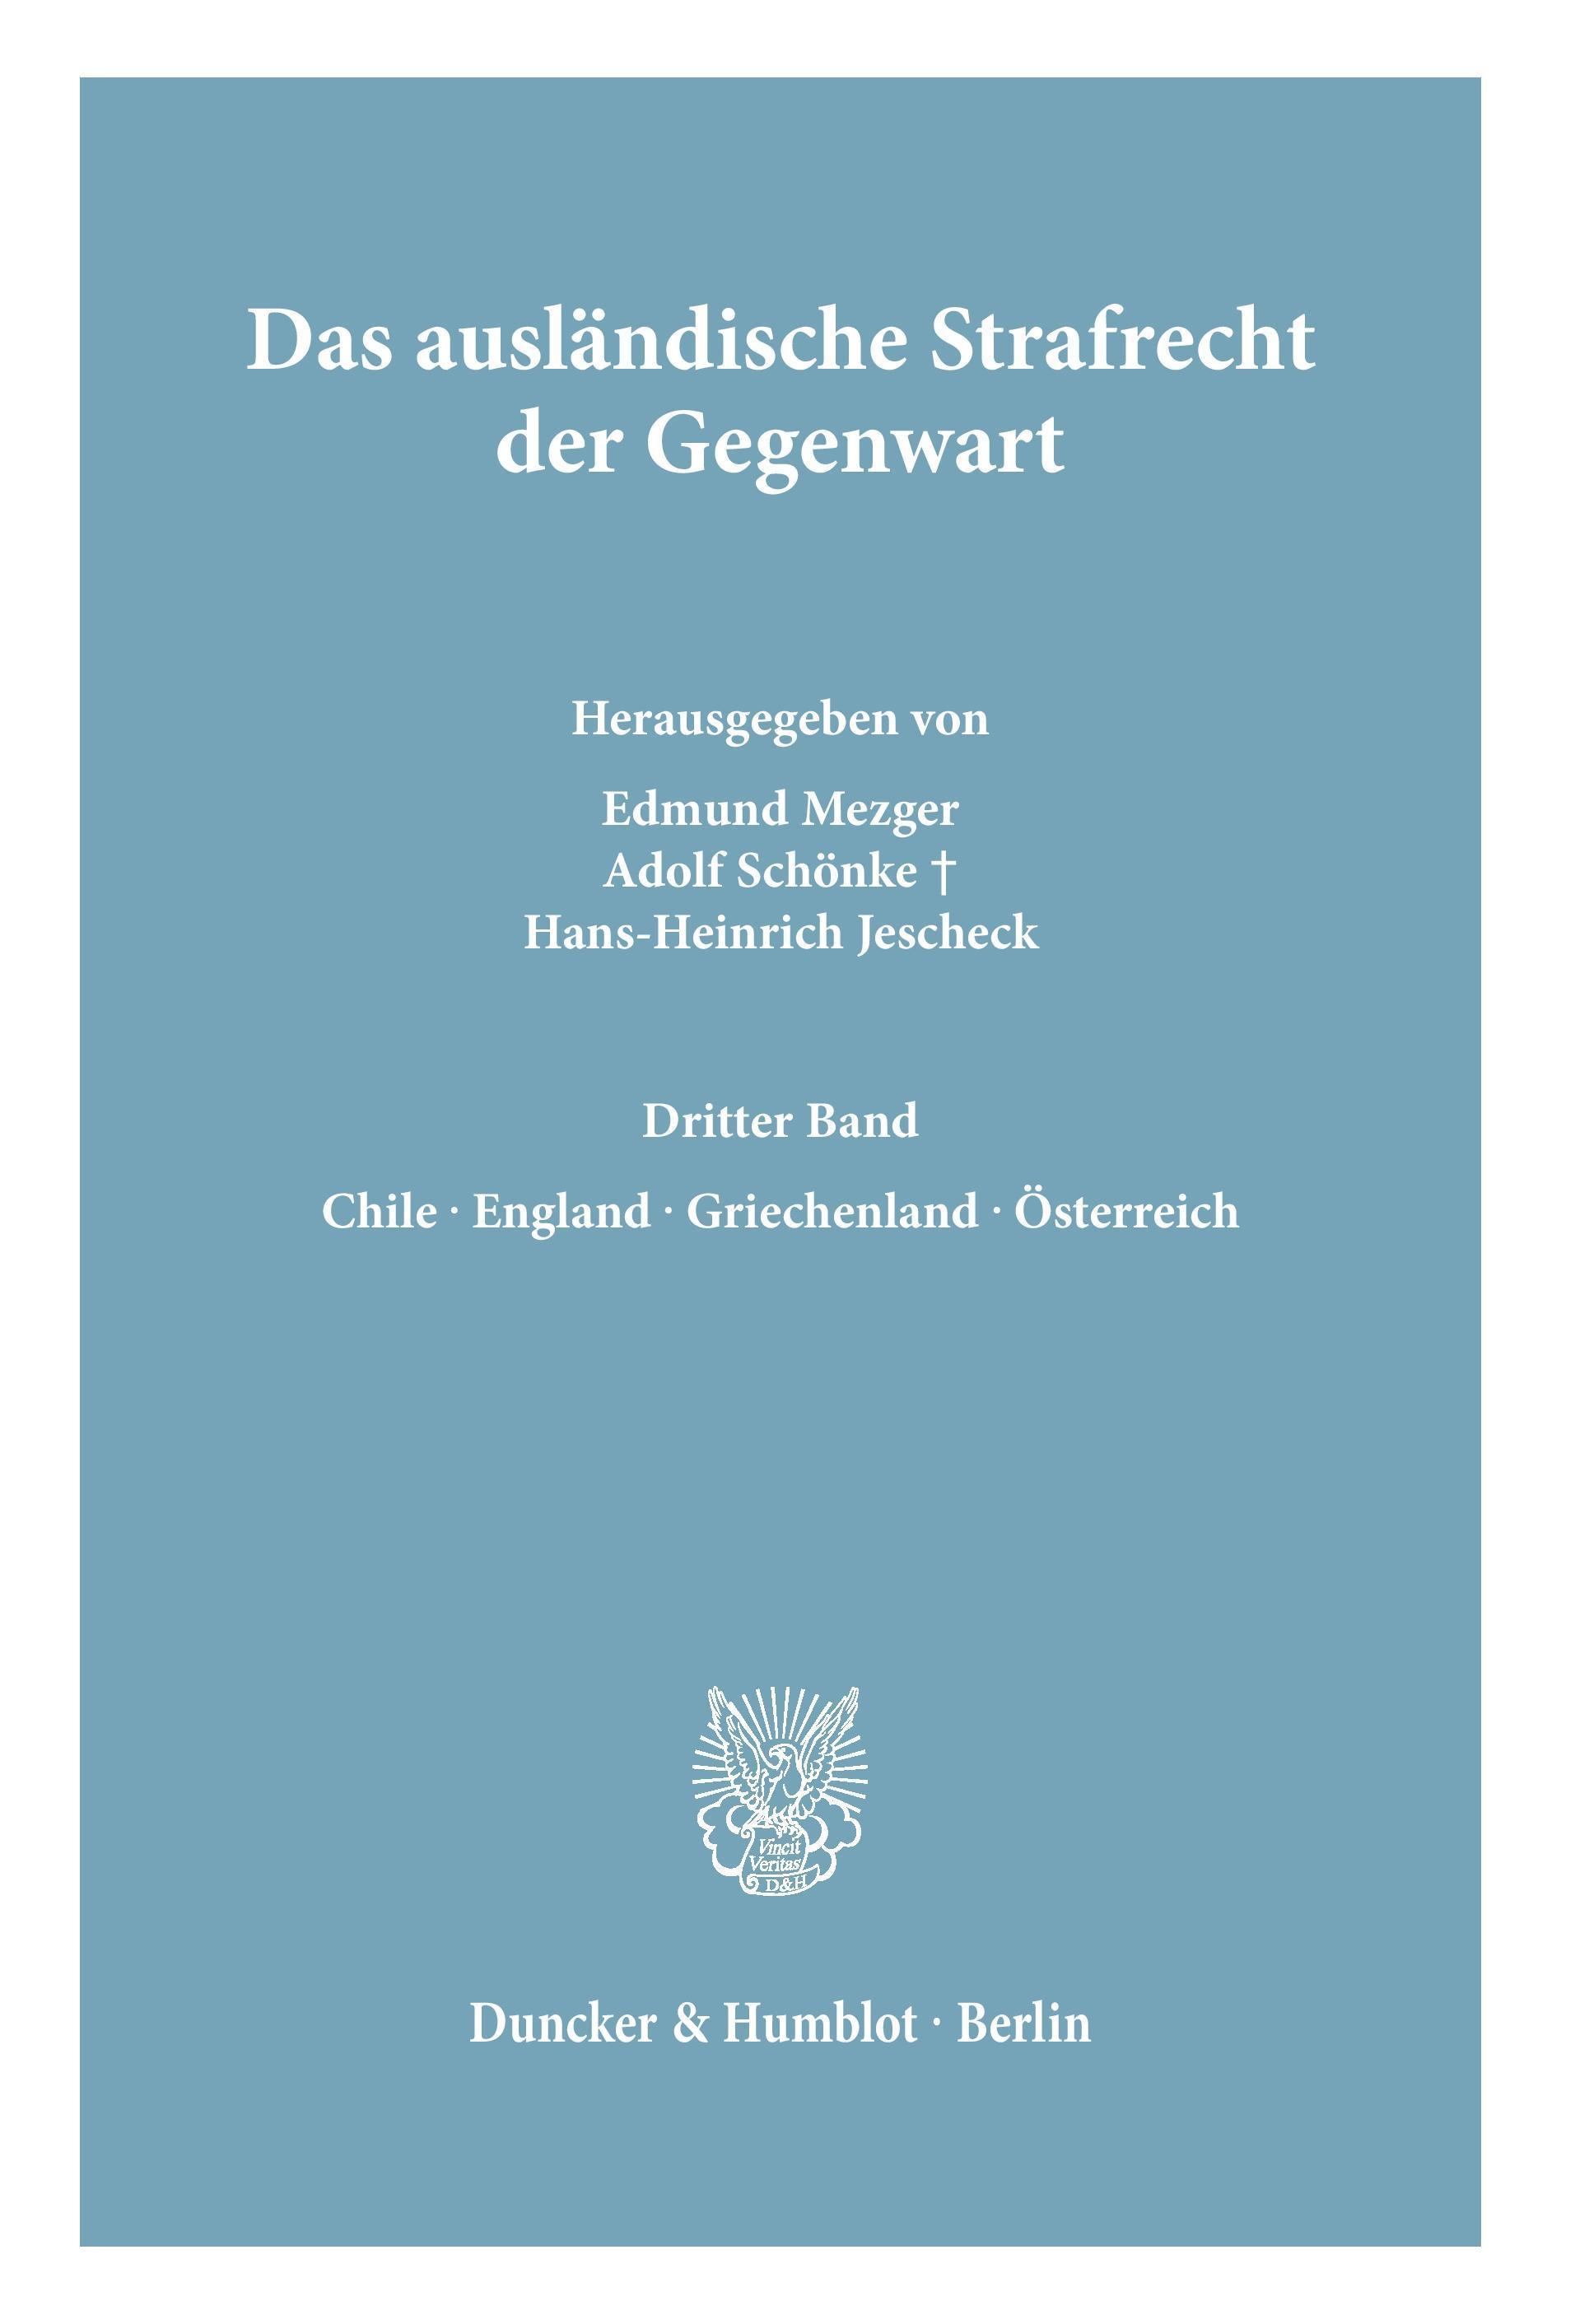 Das auslaendische Strafrecht der Gegenwart. - Mezger, Edmund Schoenke, Adolf Jescheck, Hans-Heinrich